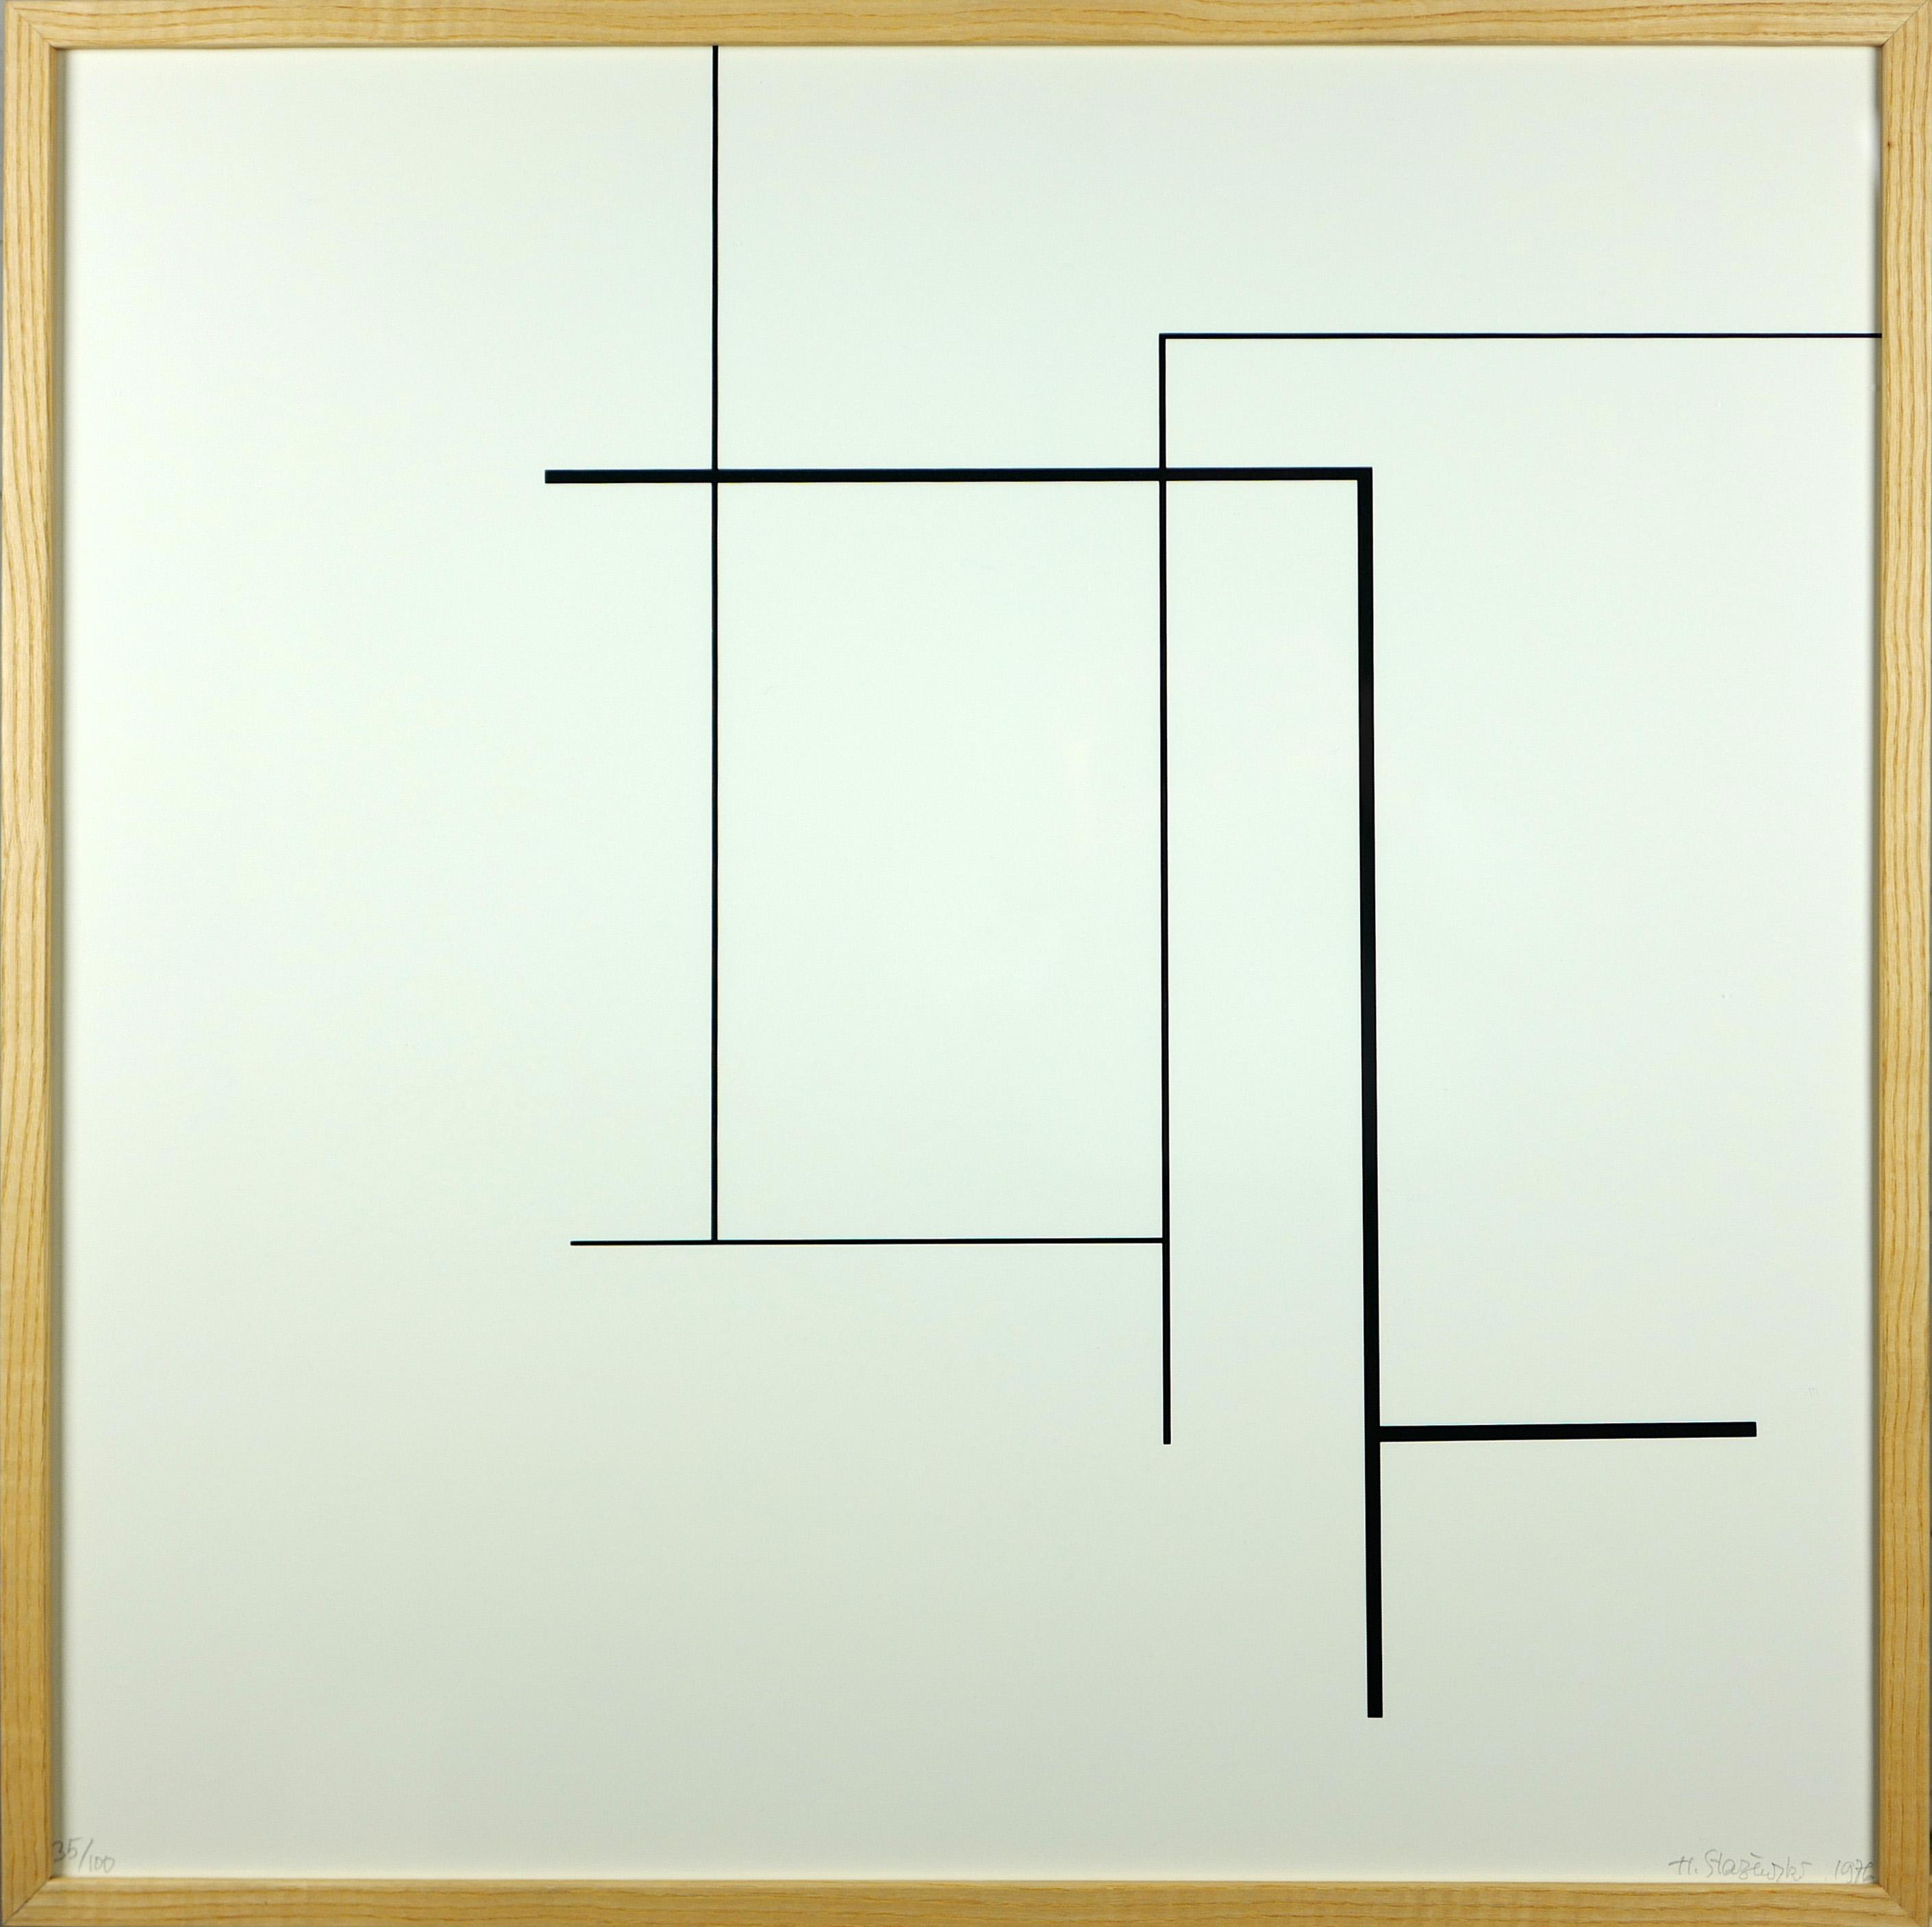 Kompozycja, 1975 r.